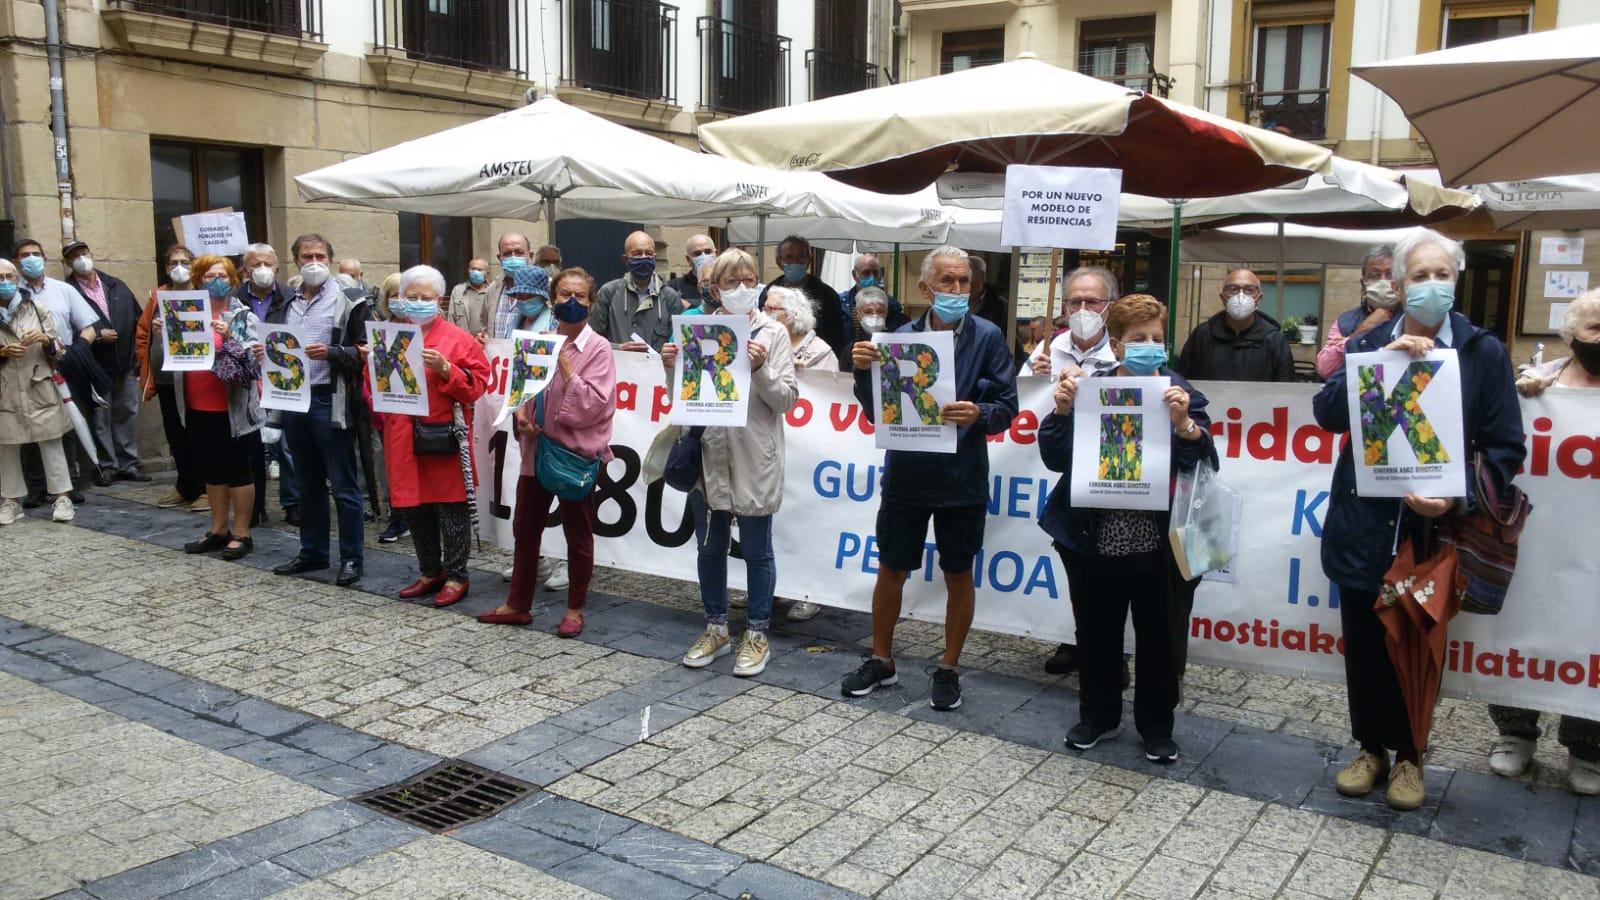 Foto: Asamblea Alderdi Eder